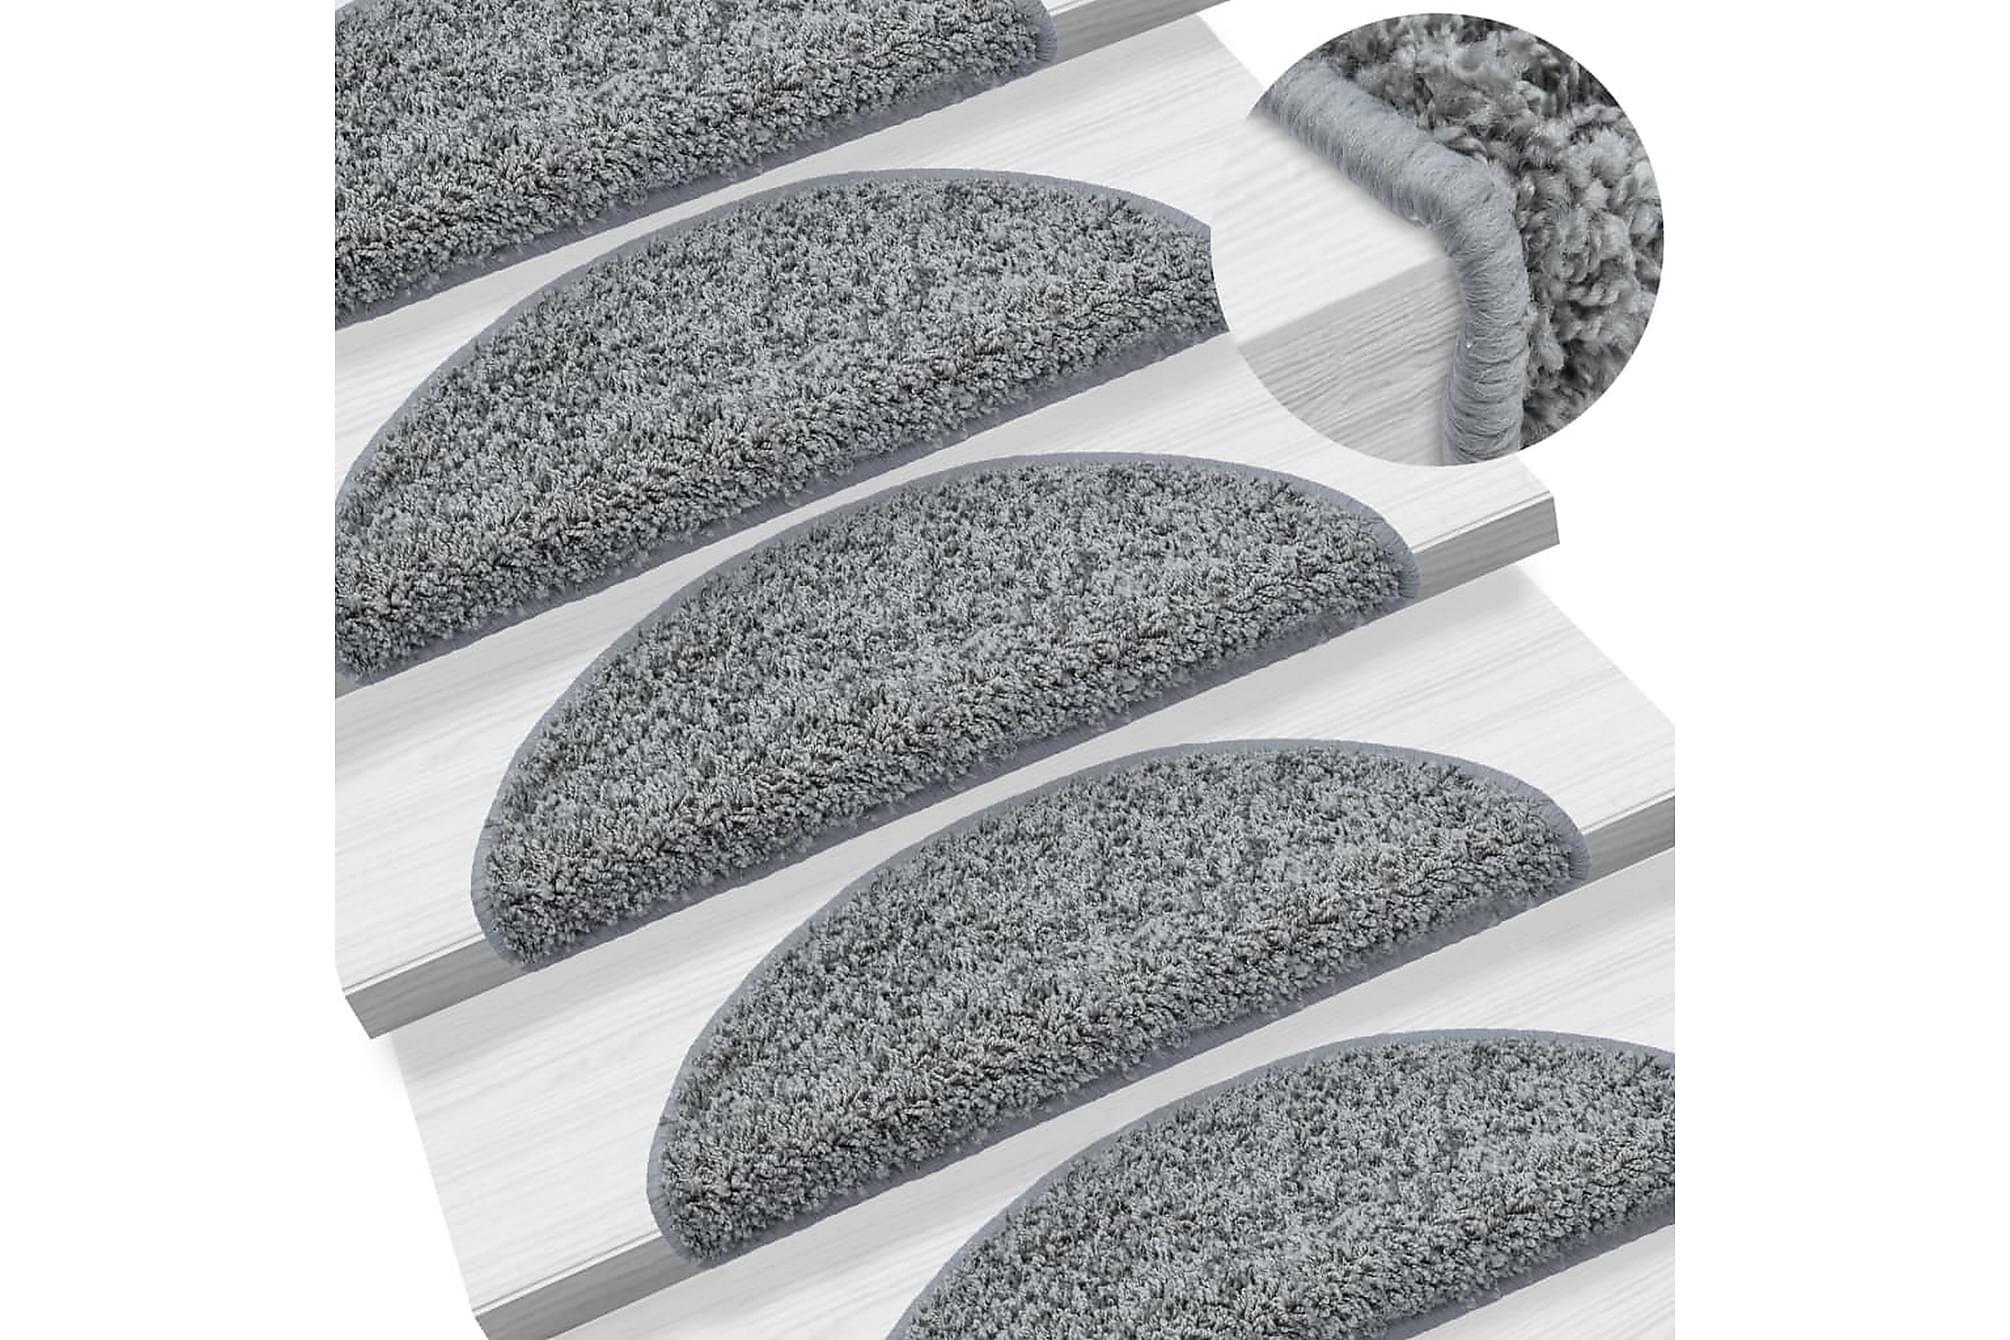 15 st Trappstegsmattor grå 65x25 cm, Trappstegsmattor